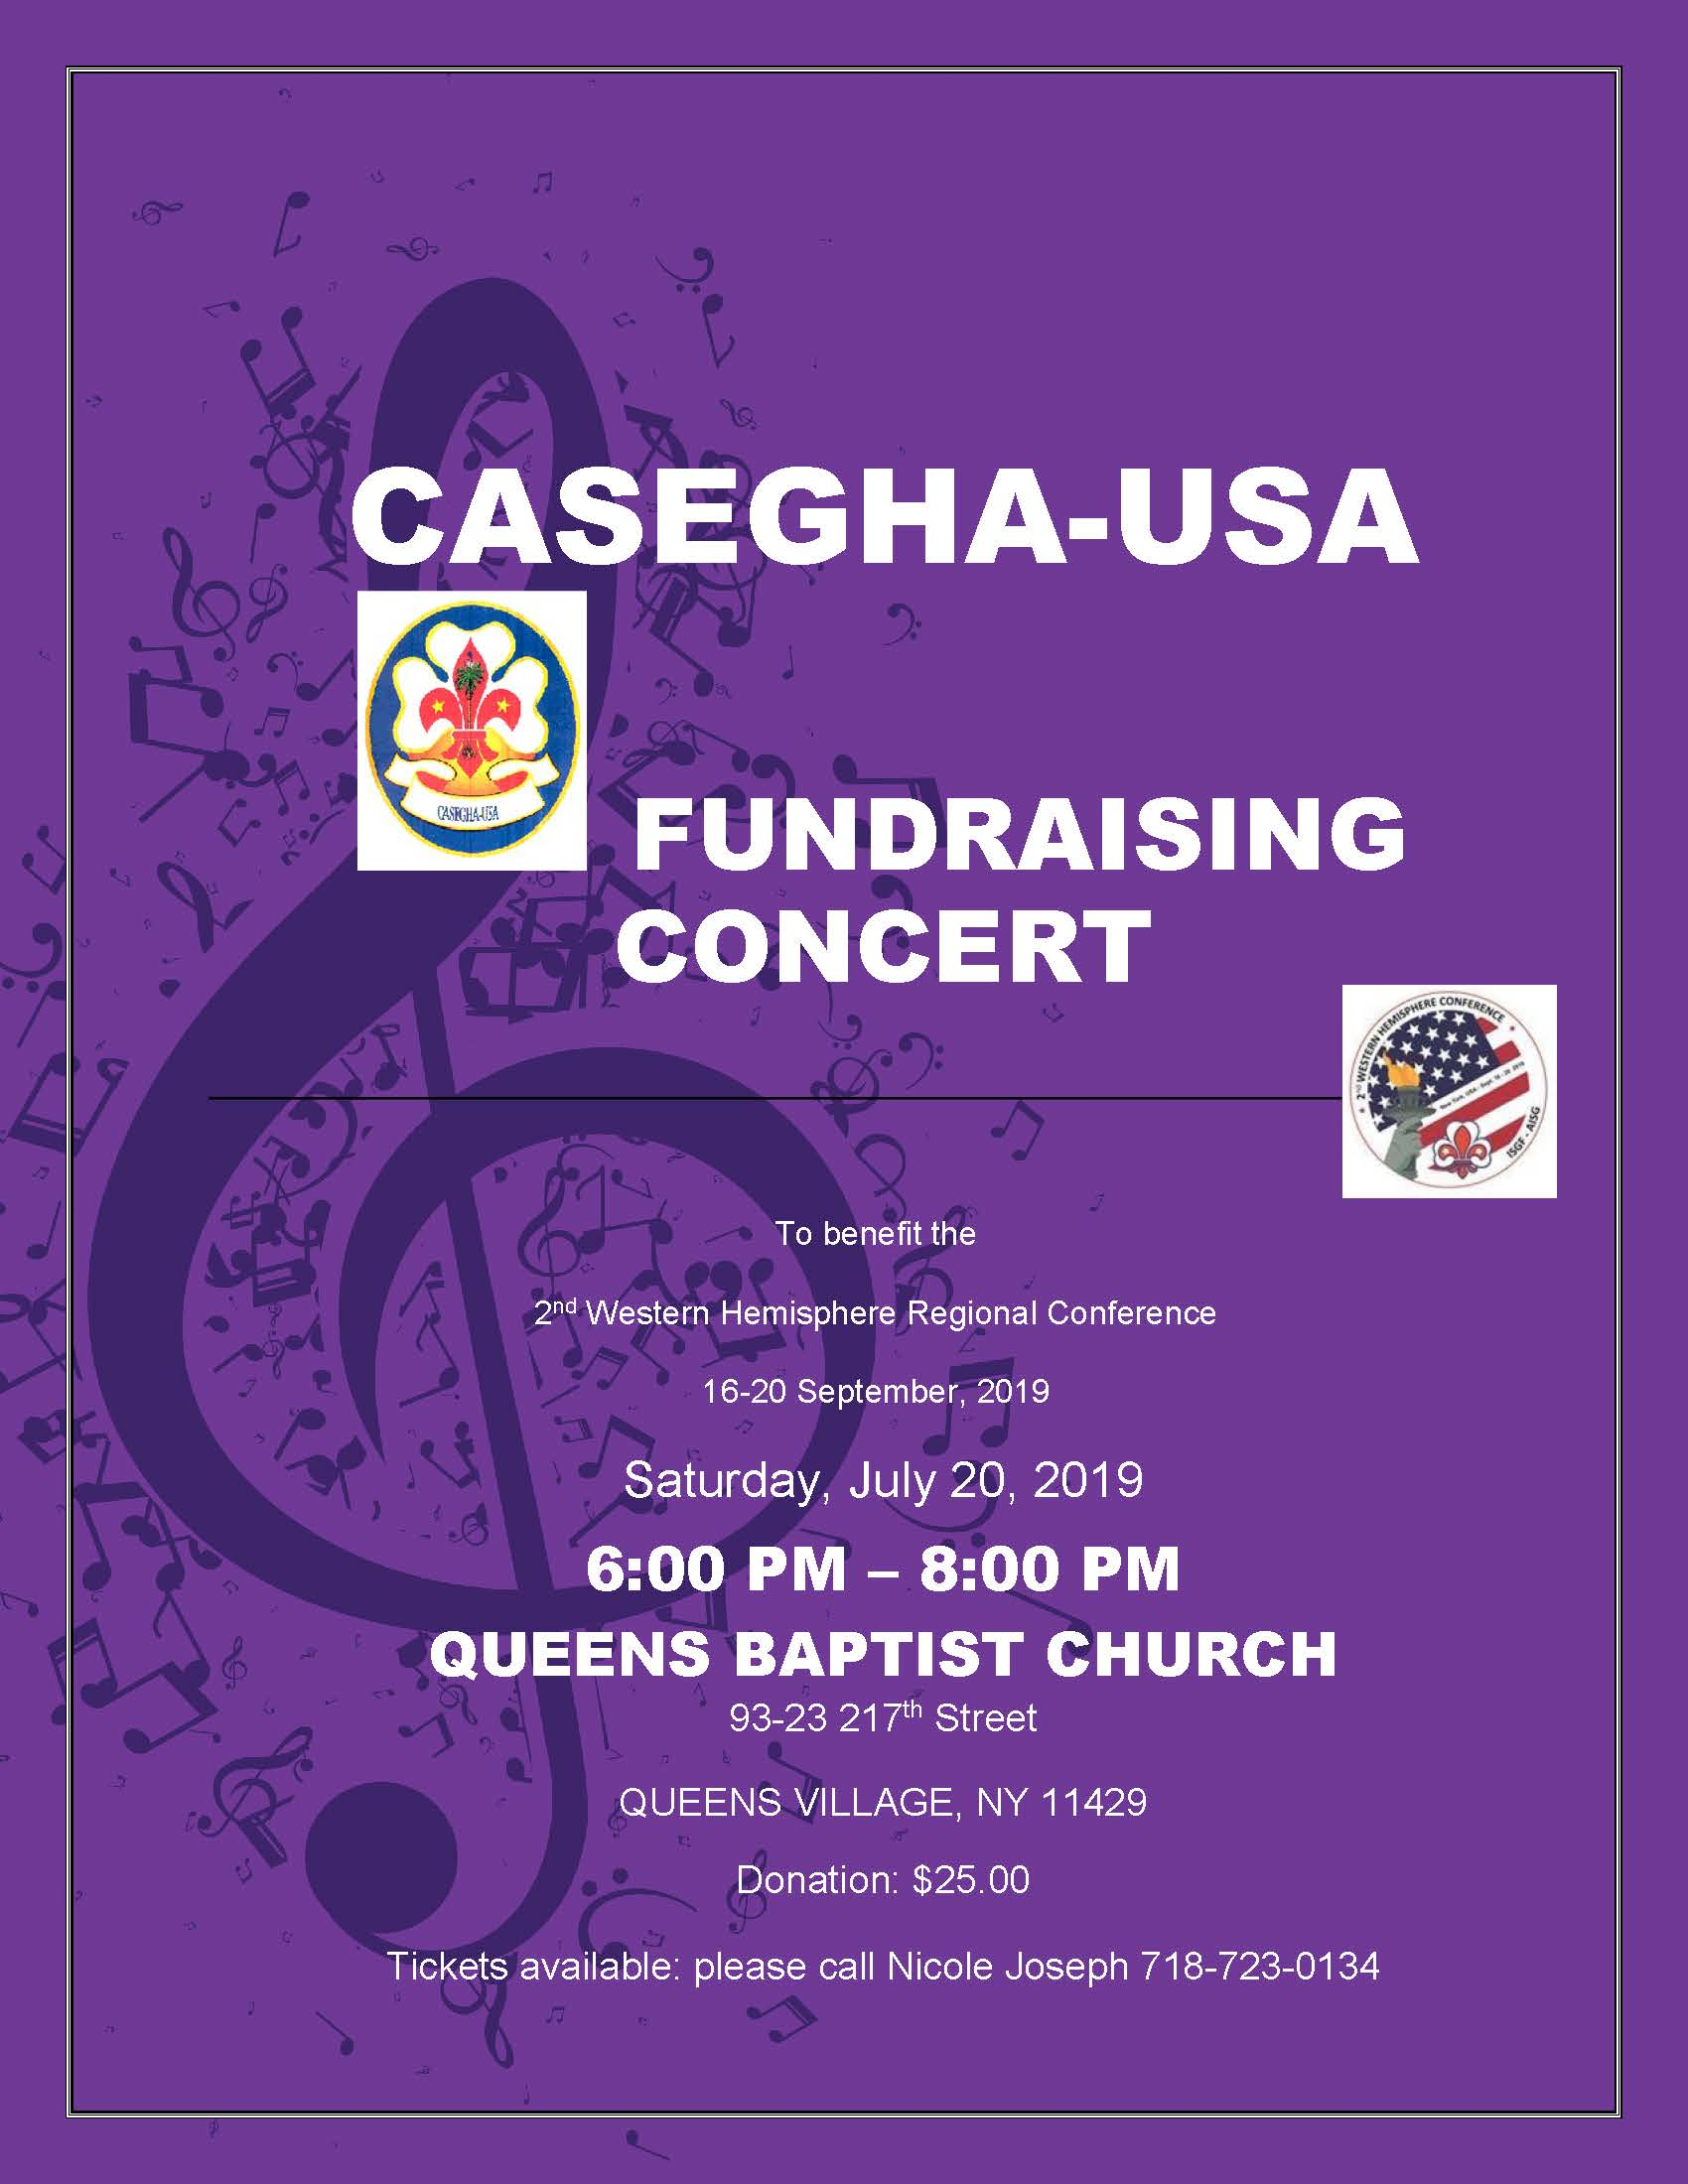 fundraising Concert.jpg